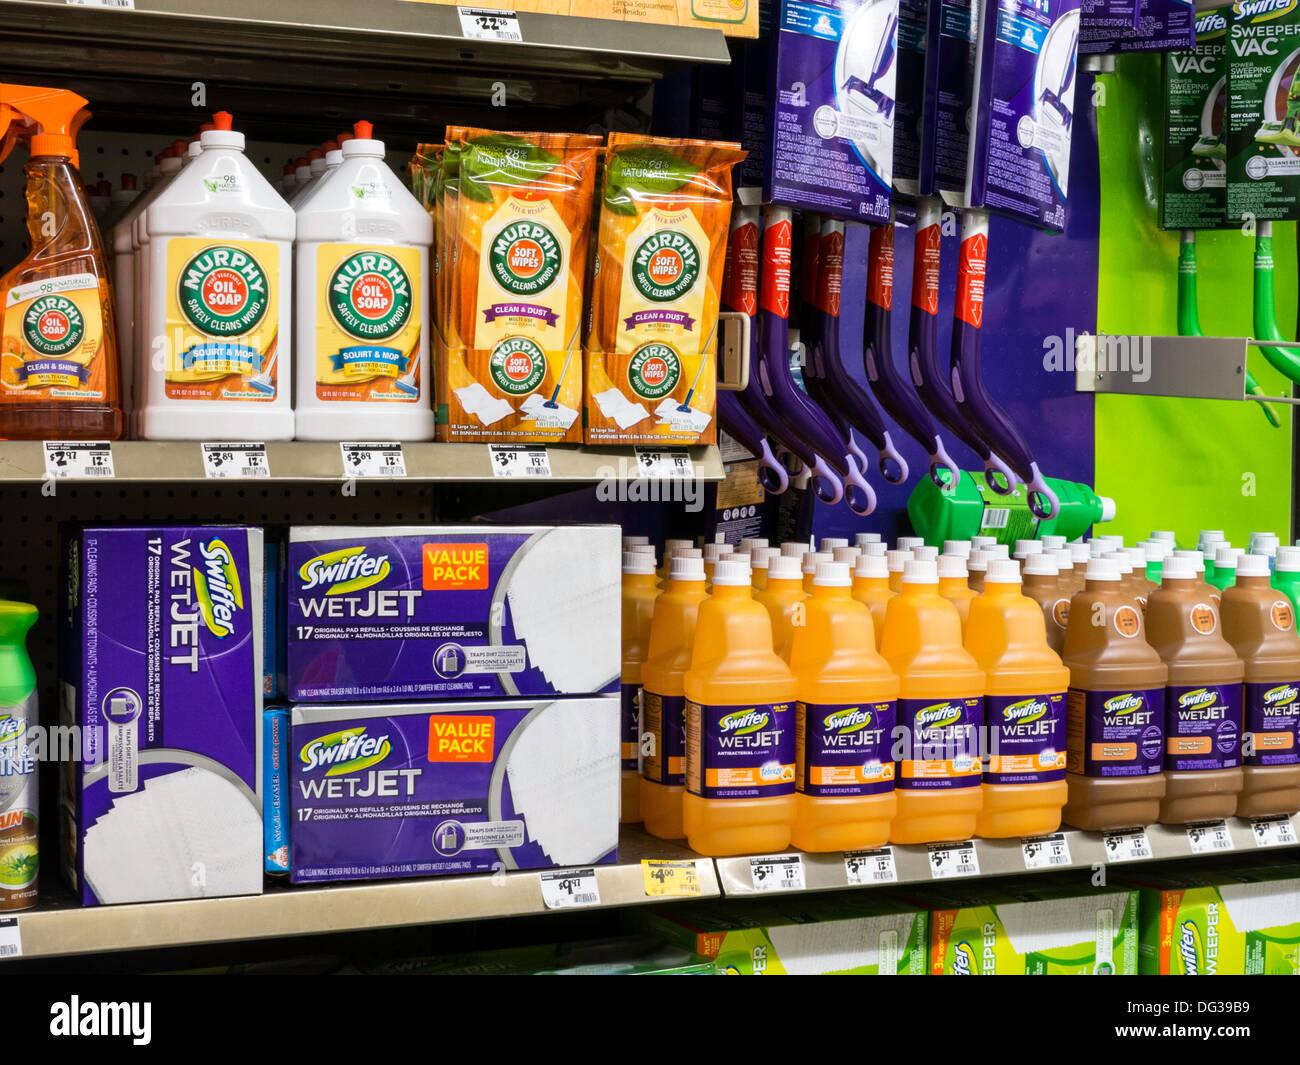 Home Depot Reinigung Produkte Shop-Display, NYC Stockfoto, Bild ...